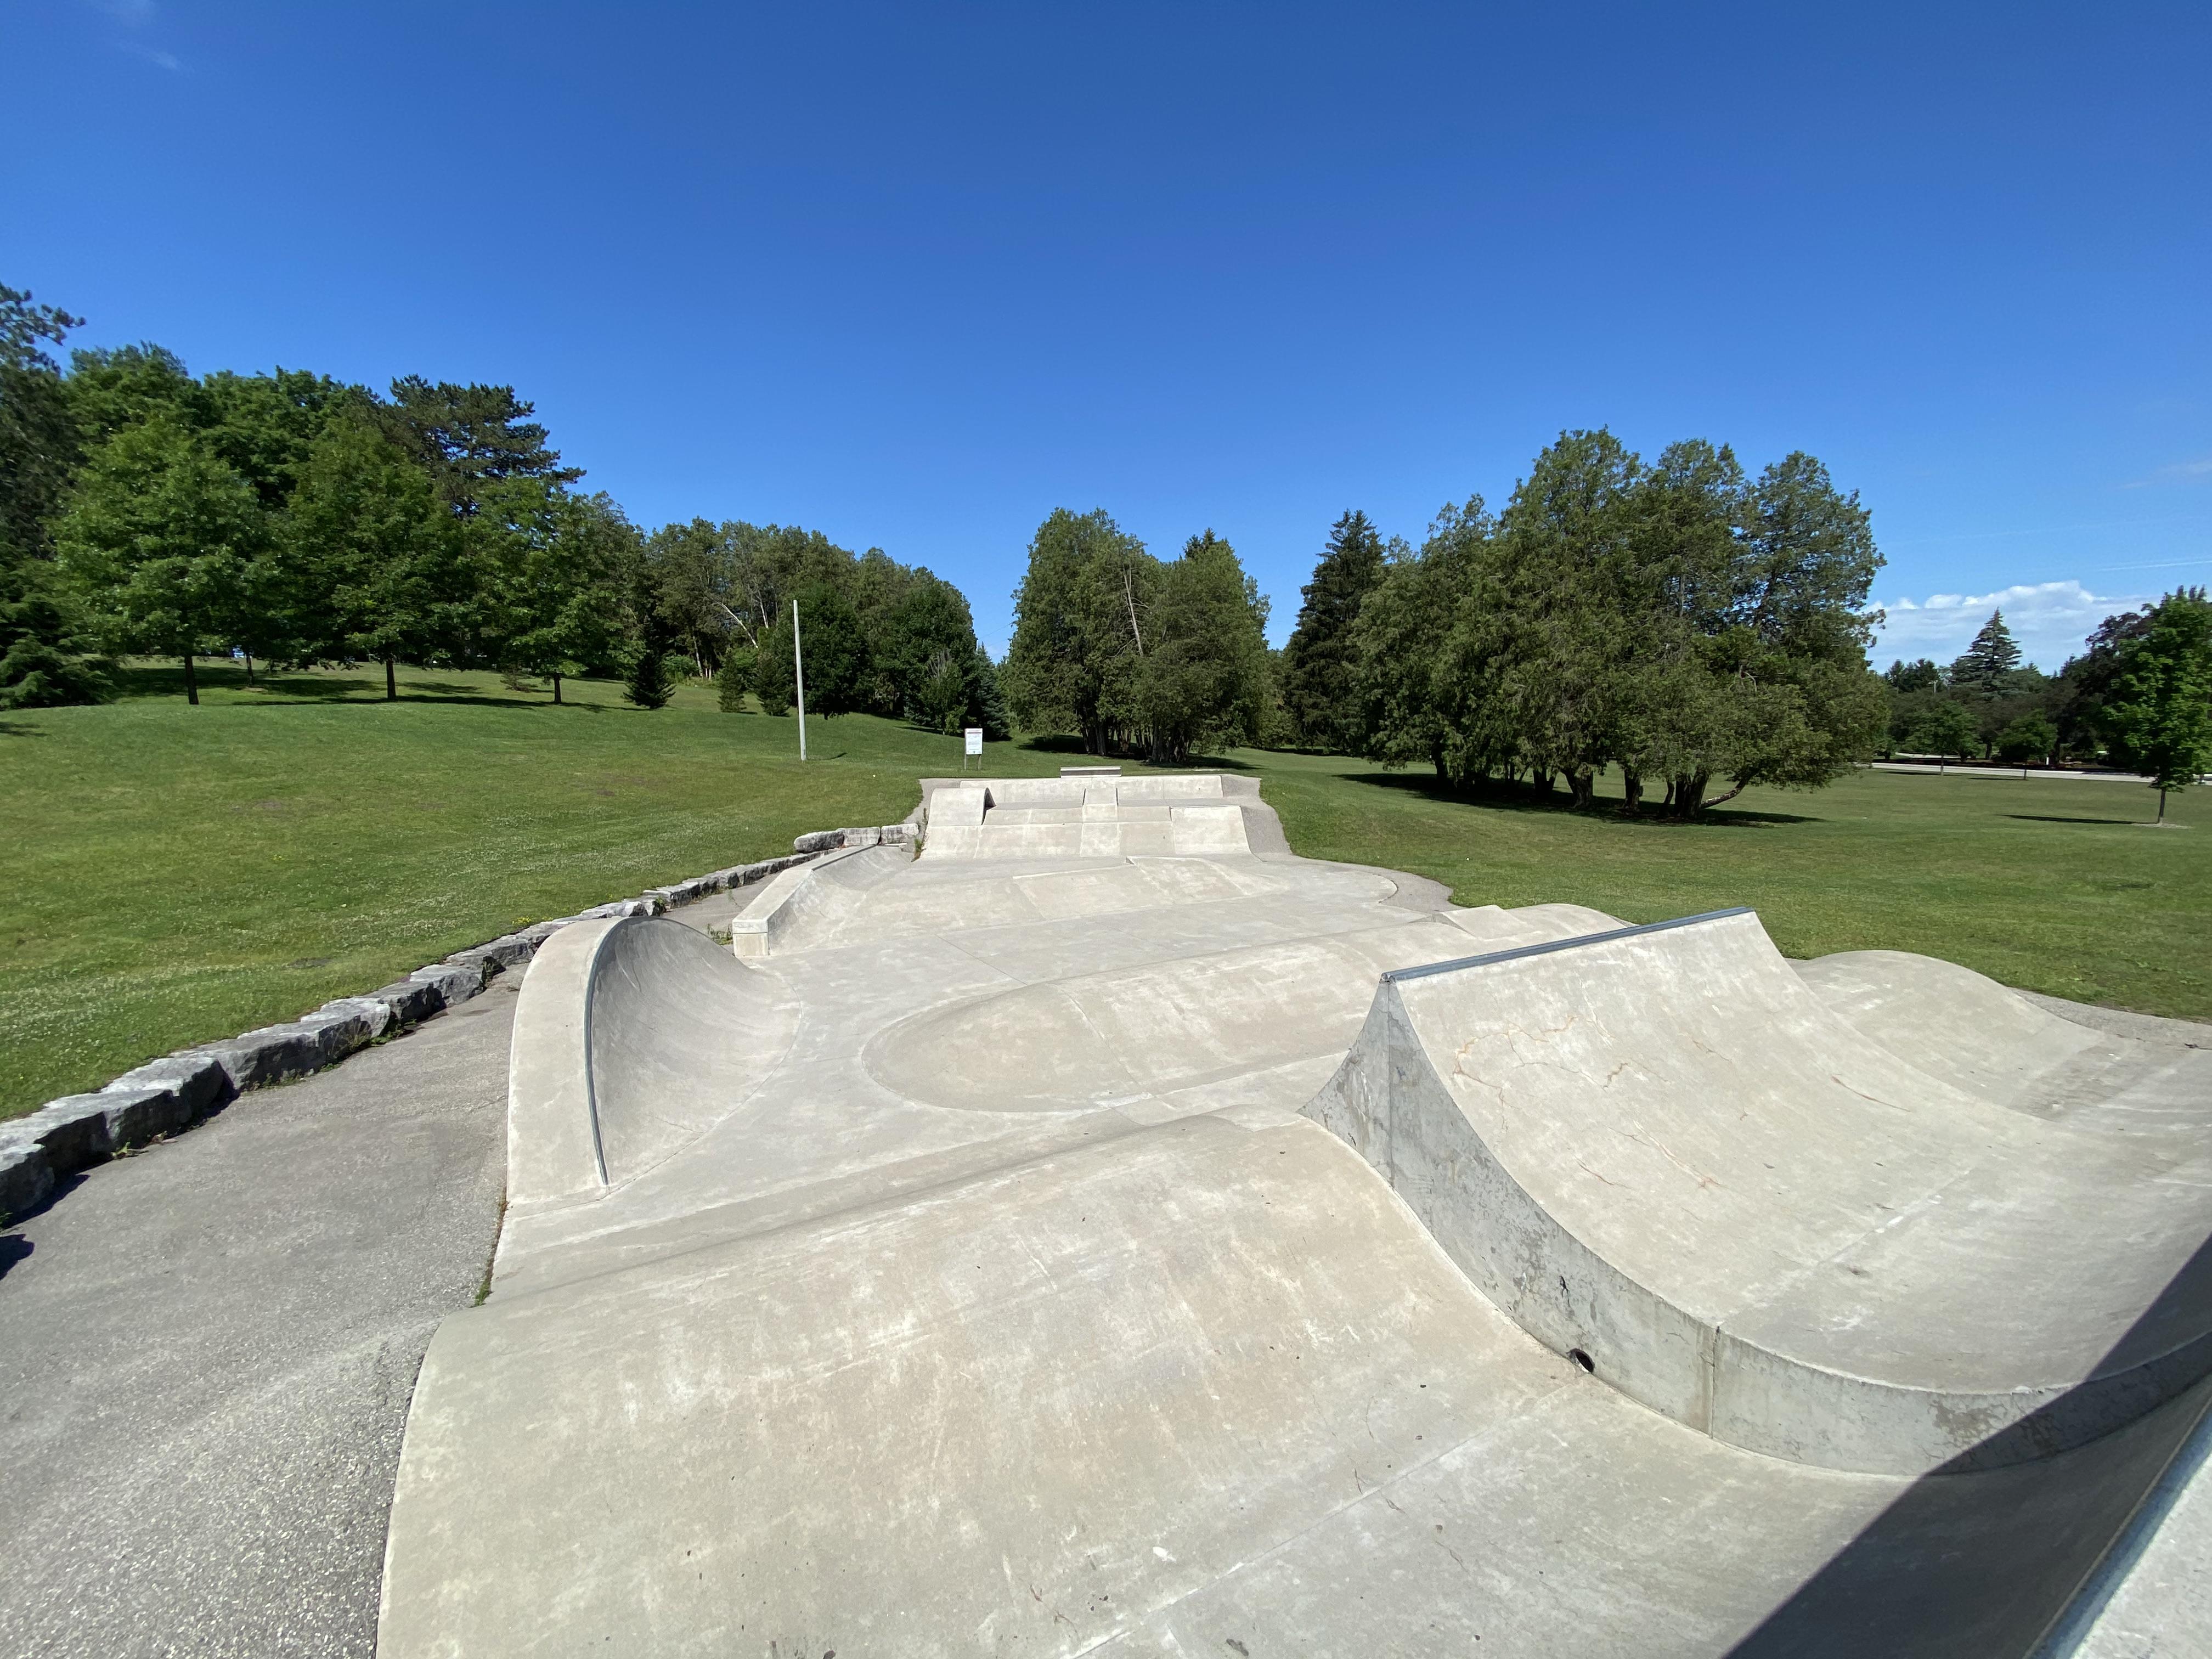 woodstock skatepark main section from the left